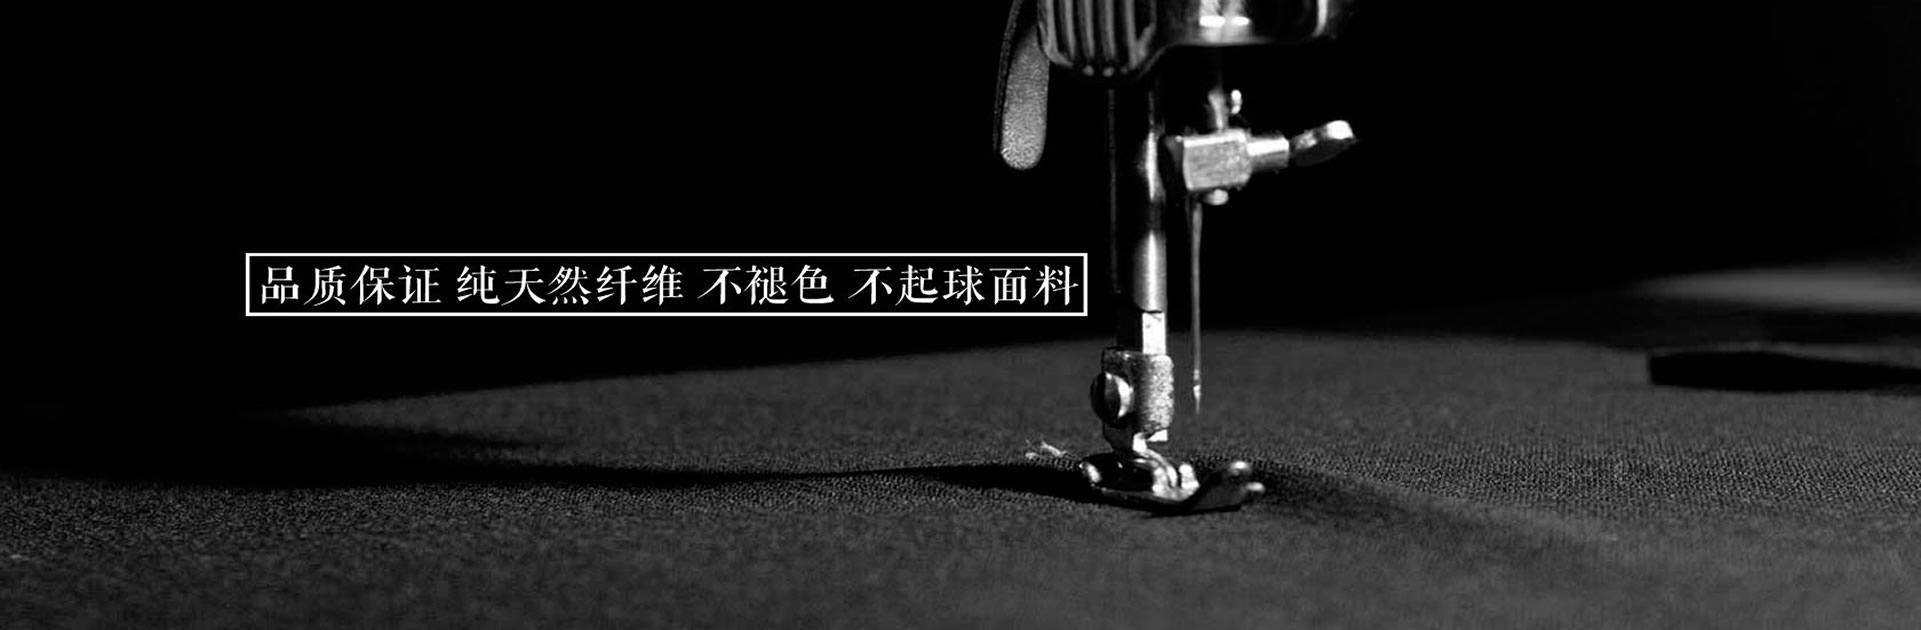 柳州职业装定制